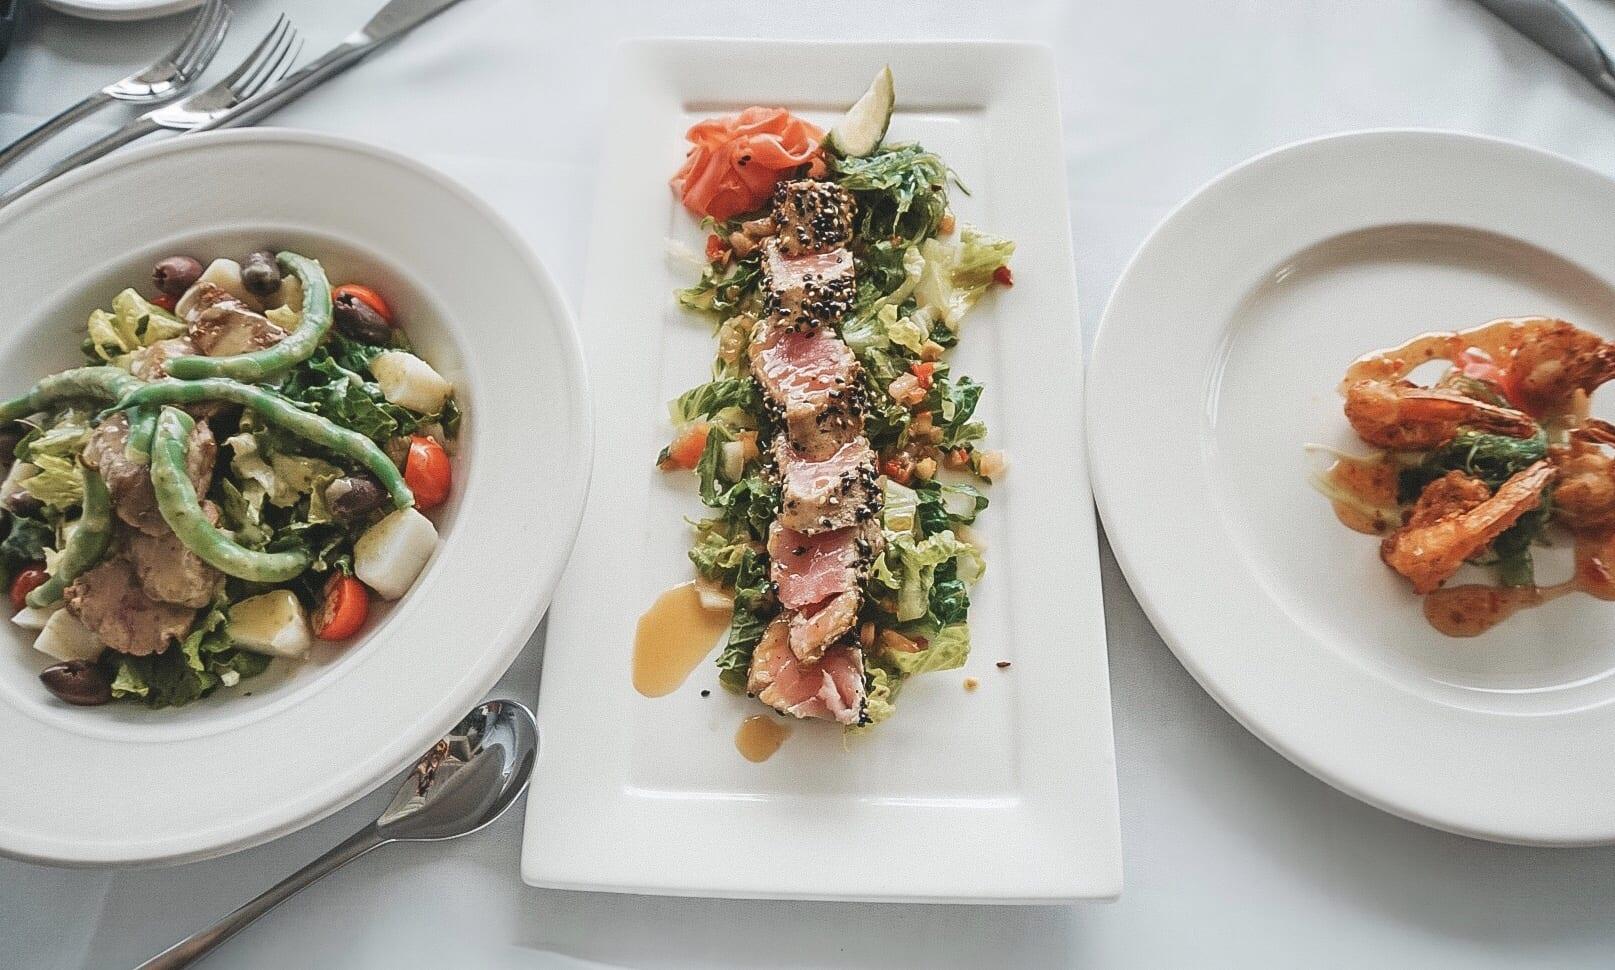 The food at Calabash Cove Resort